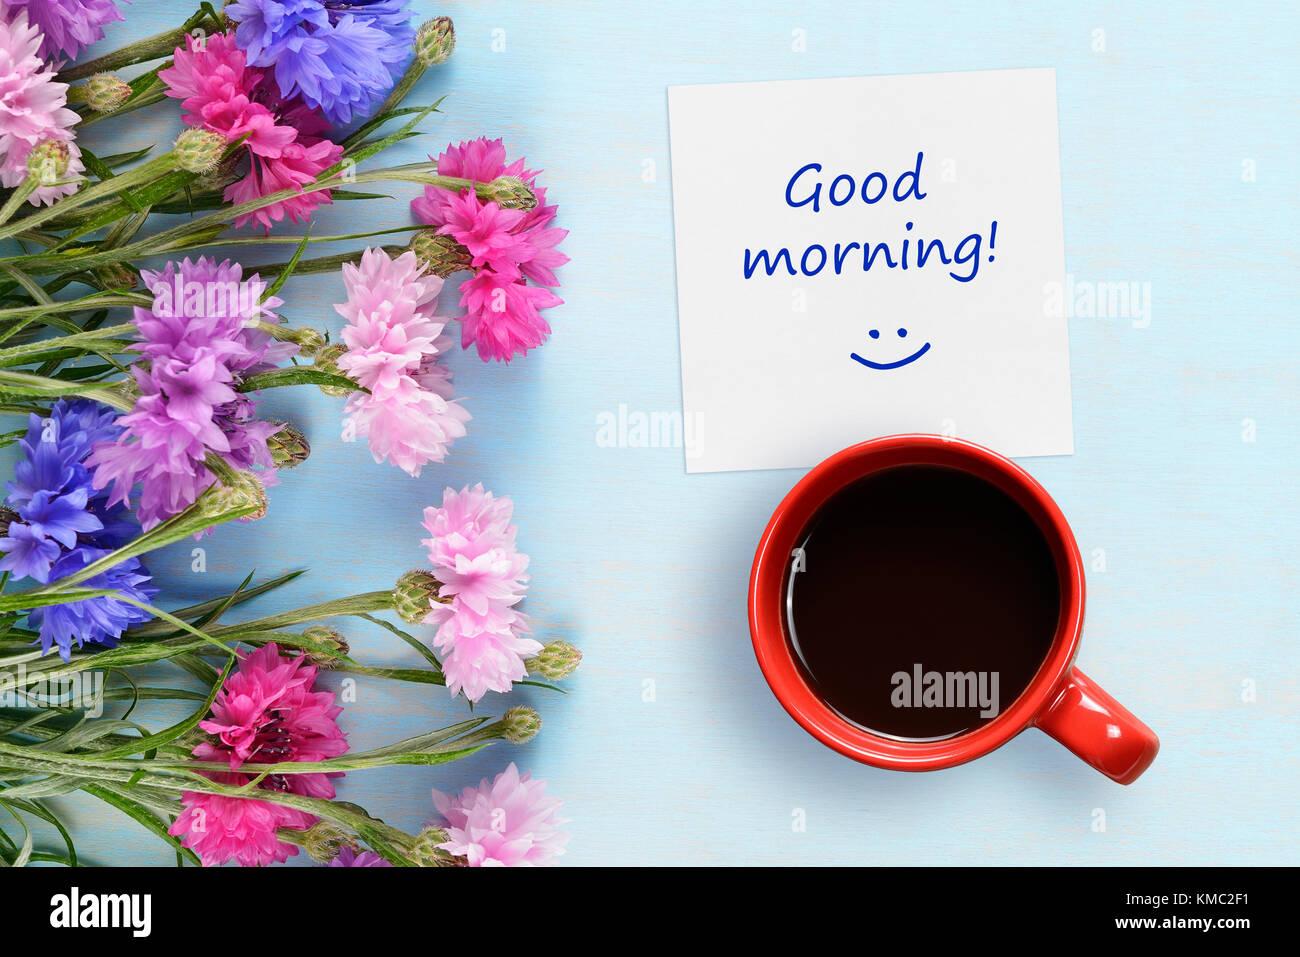 Guten Morgen Wünsche Kaffee Tasse Und Kornblumen Auf Blauem